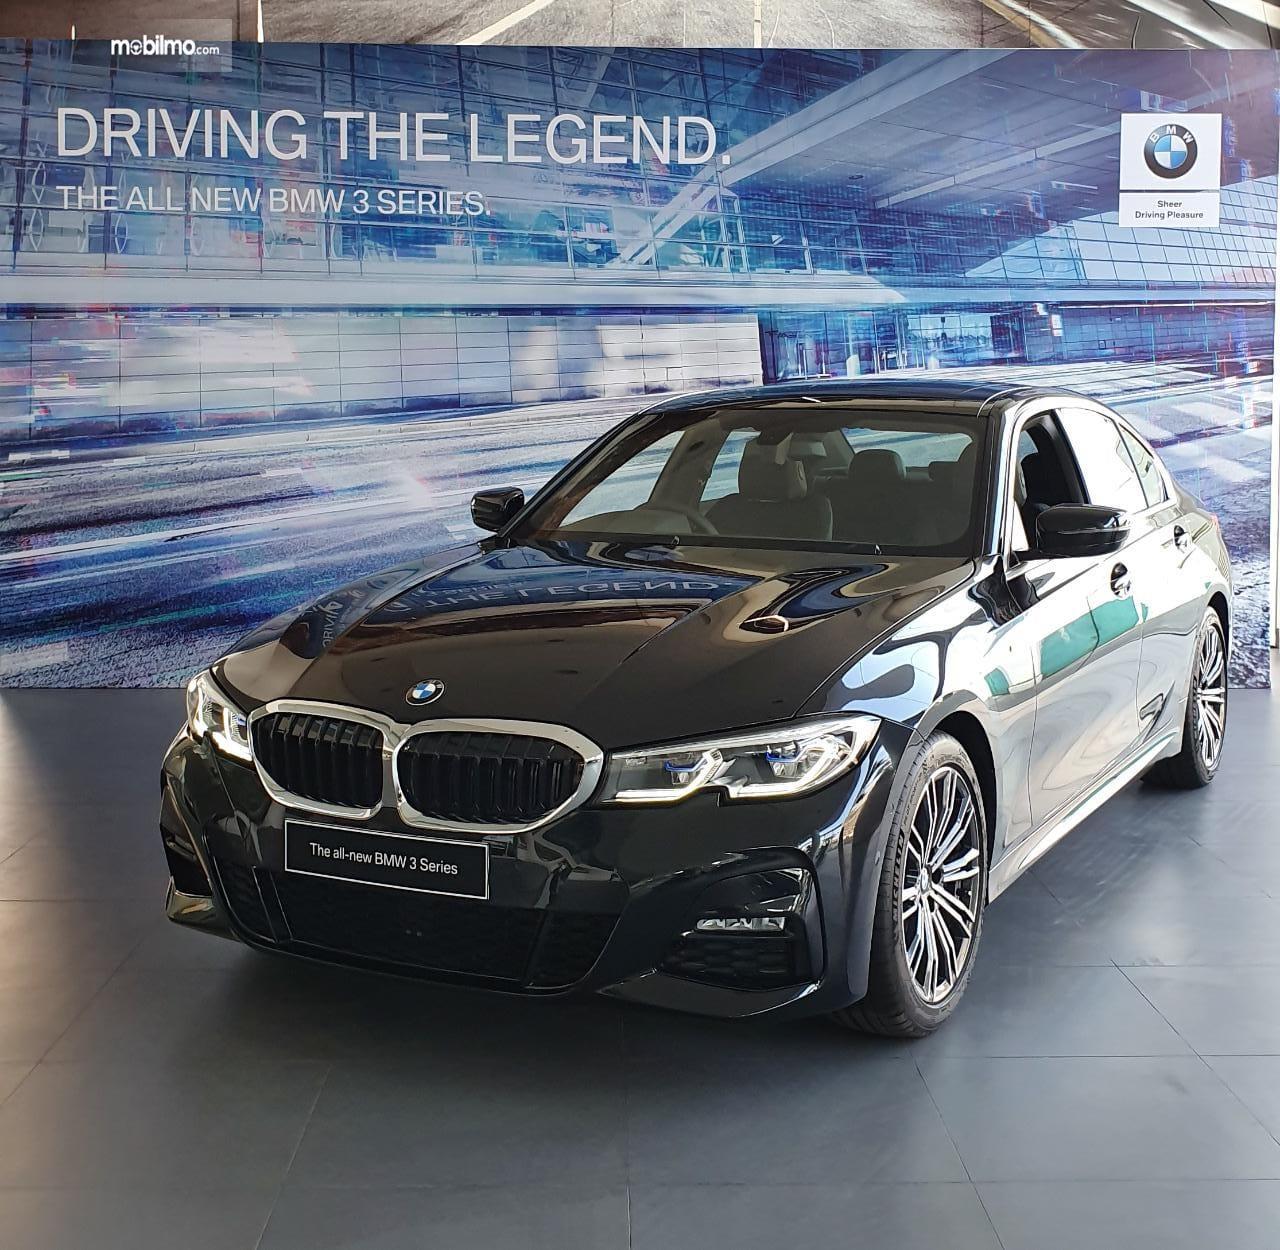 Produk BMW 330i M Sport 2019 mulai diperkenalkan di diler BMW Astra